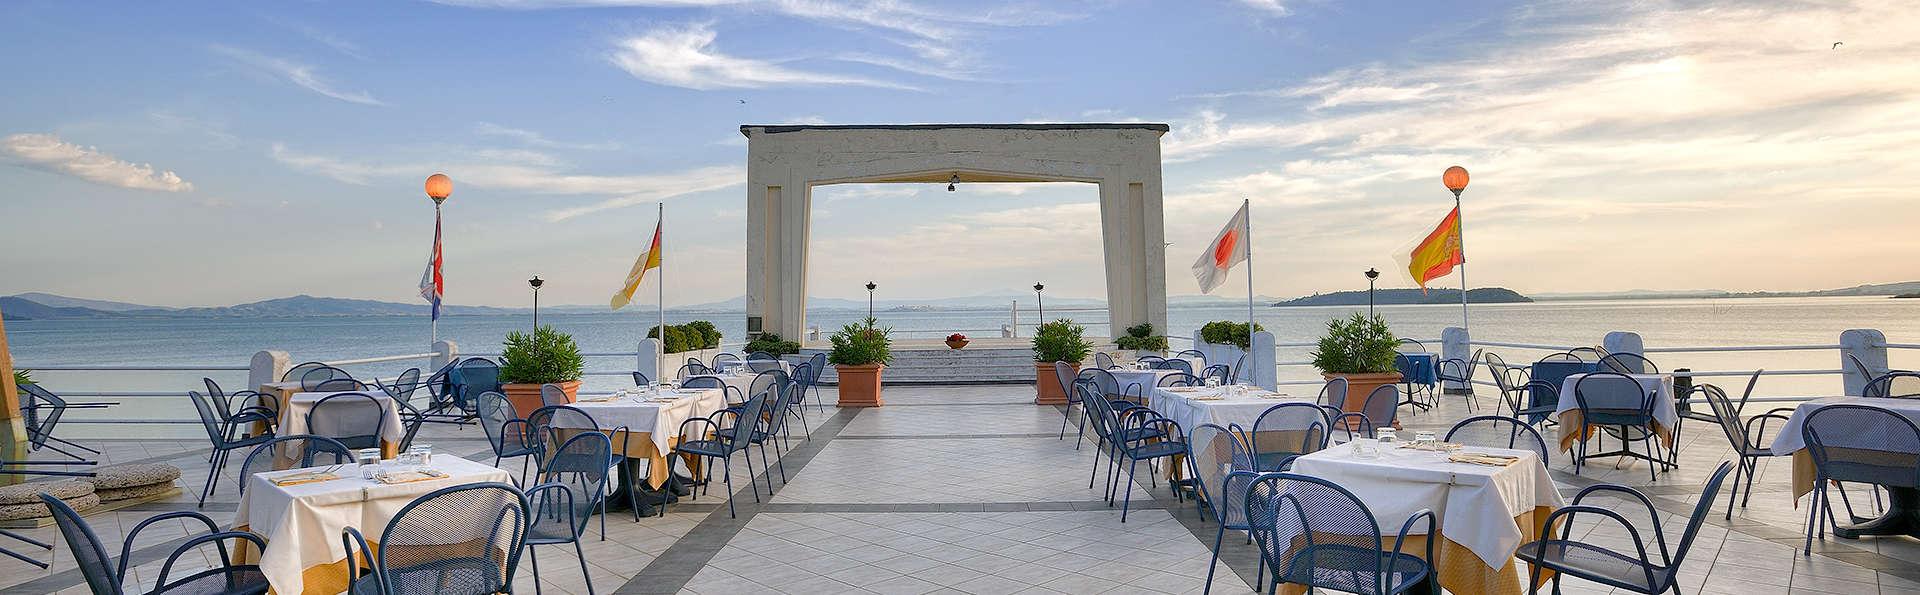 Soggiorno in offerta  in Umbria: dormi 4 notti, paghi 3 sul Lago Trasimeno